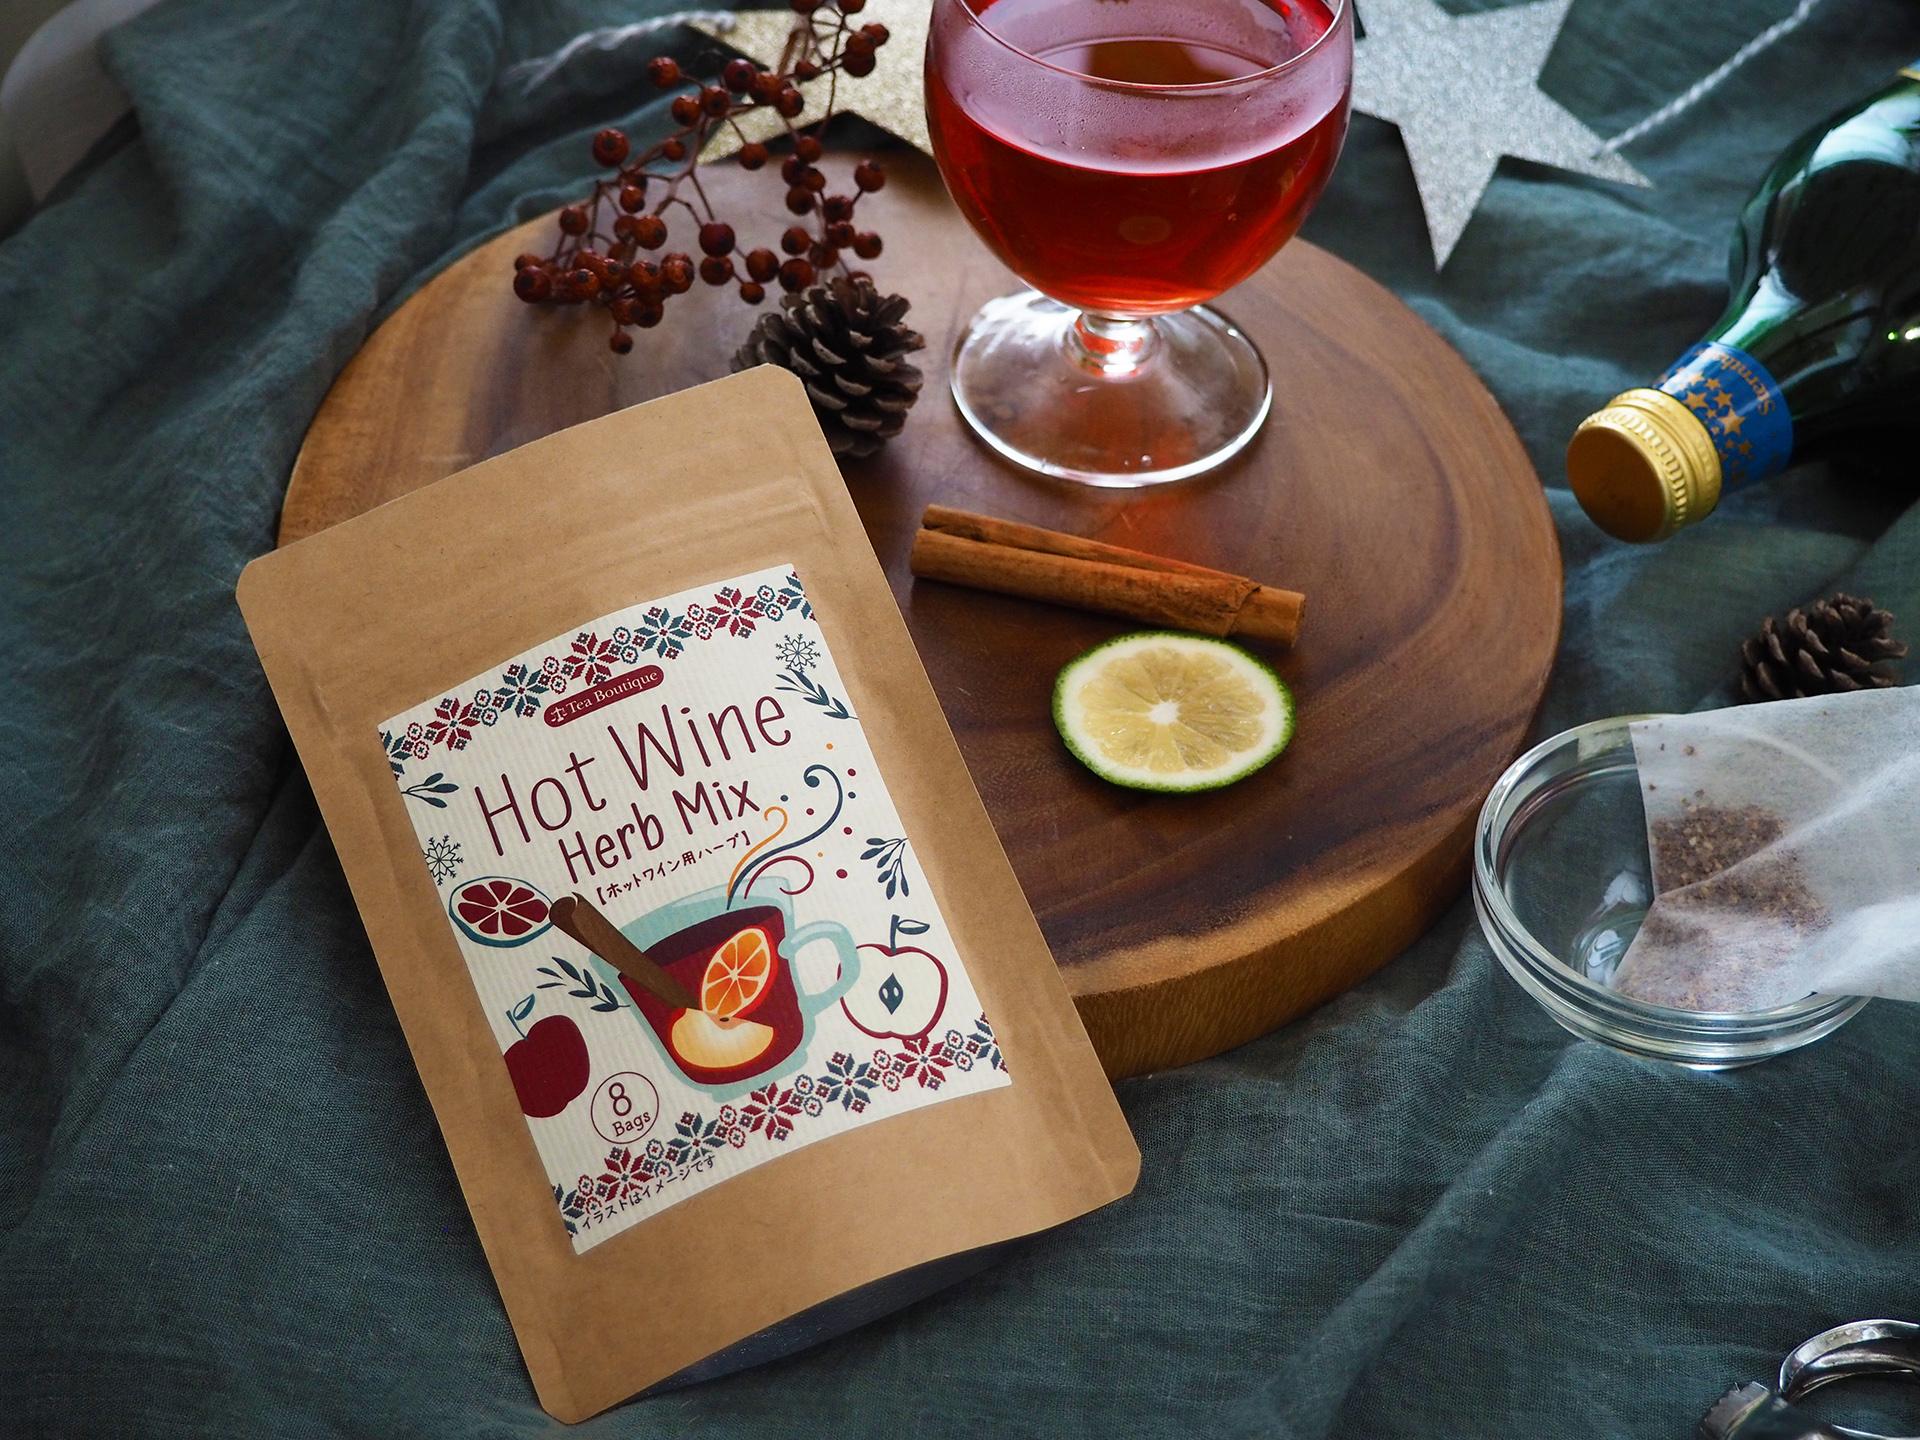 寒い冬の人気ドリンク・ホットワインをティーバッグ手軽に作れる!「ホットワインハーブミックス」発売